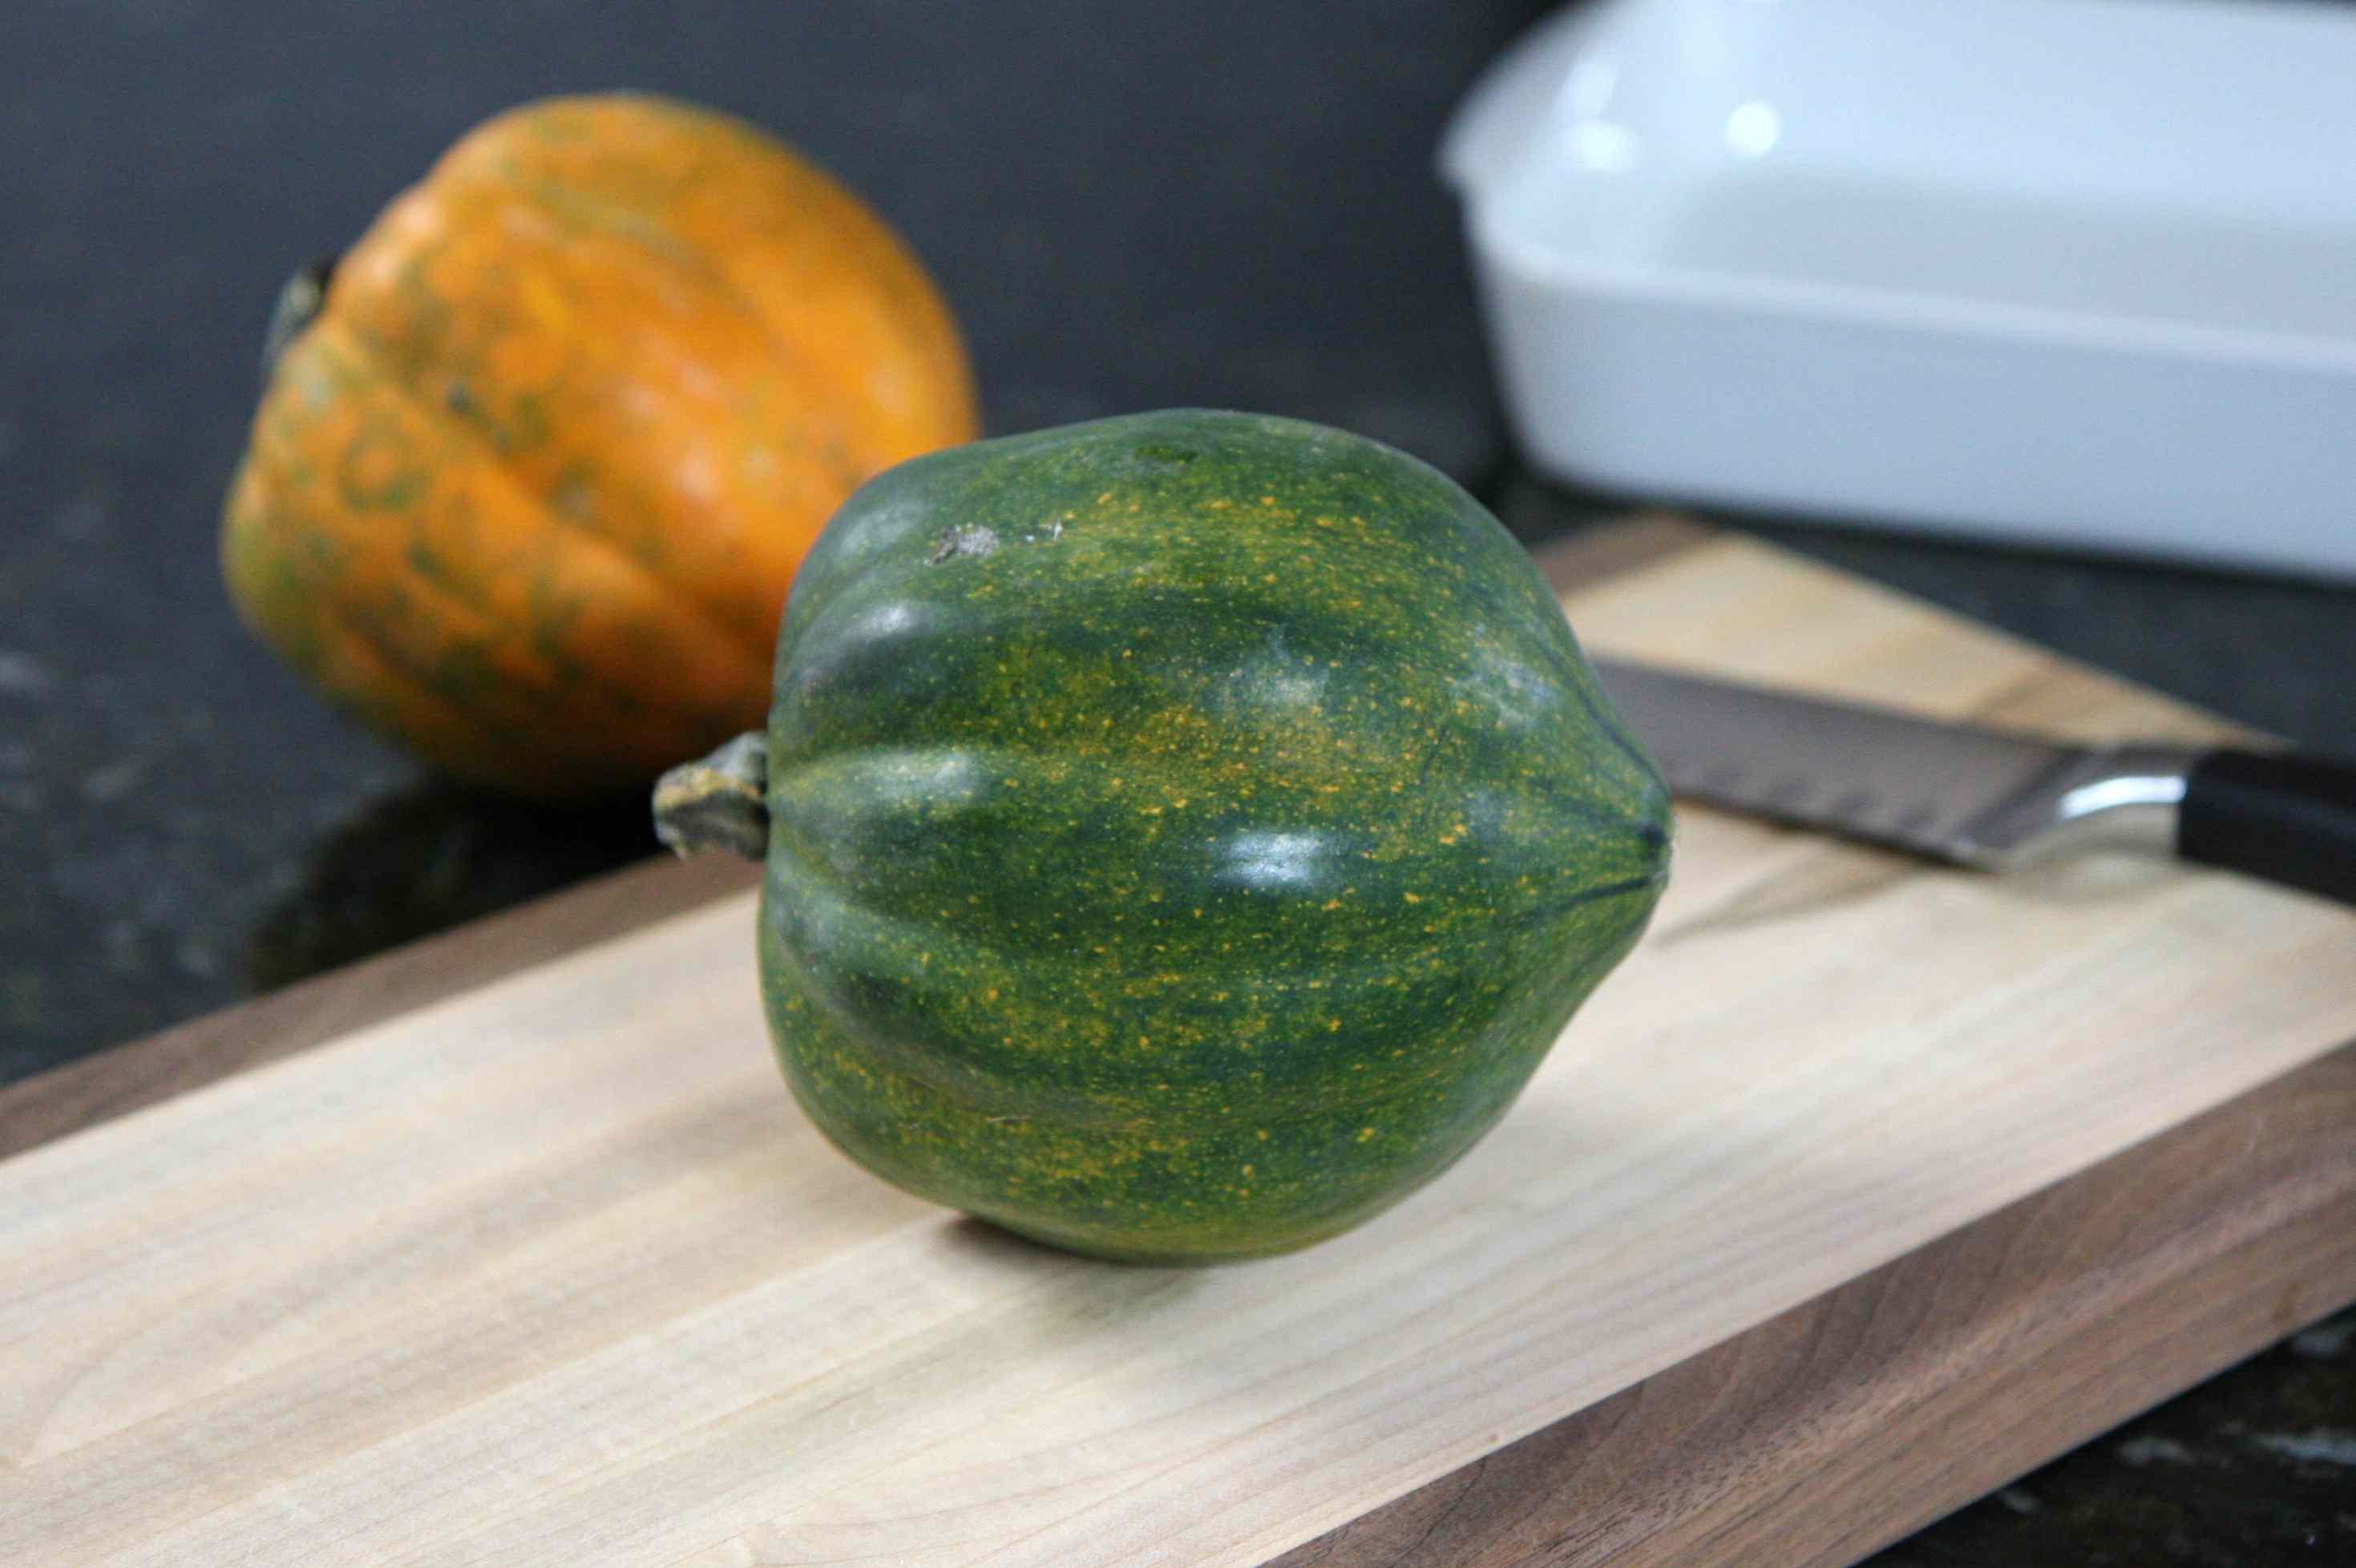 Acorn squash on a cutting board ready to be cut